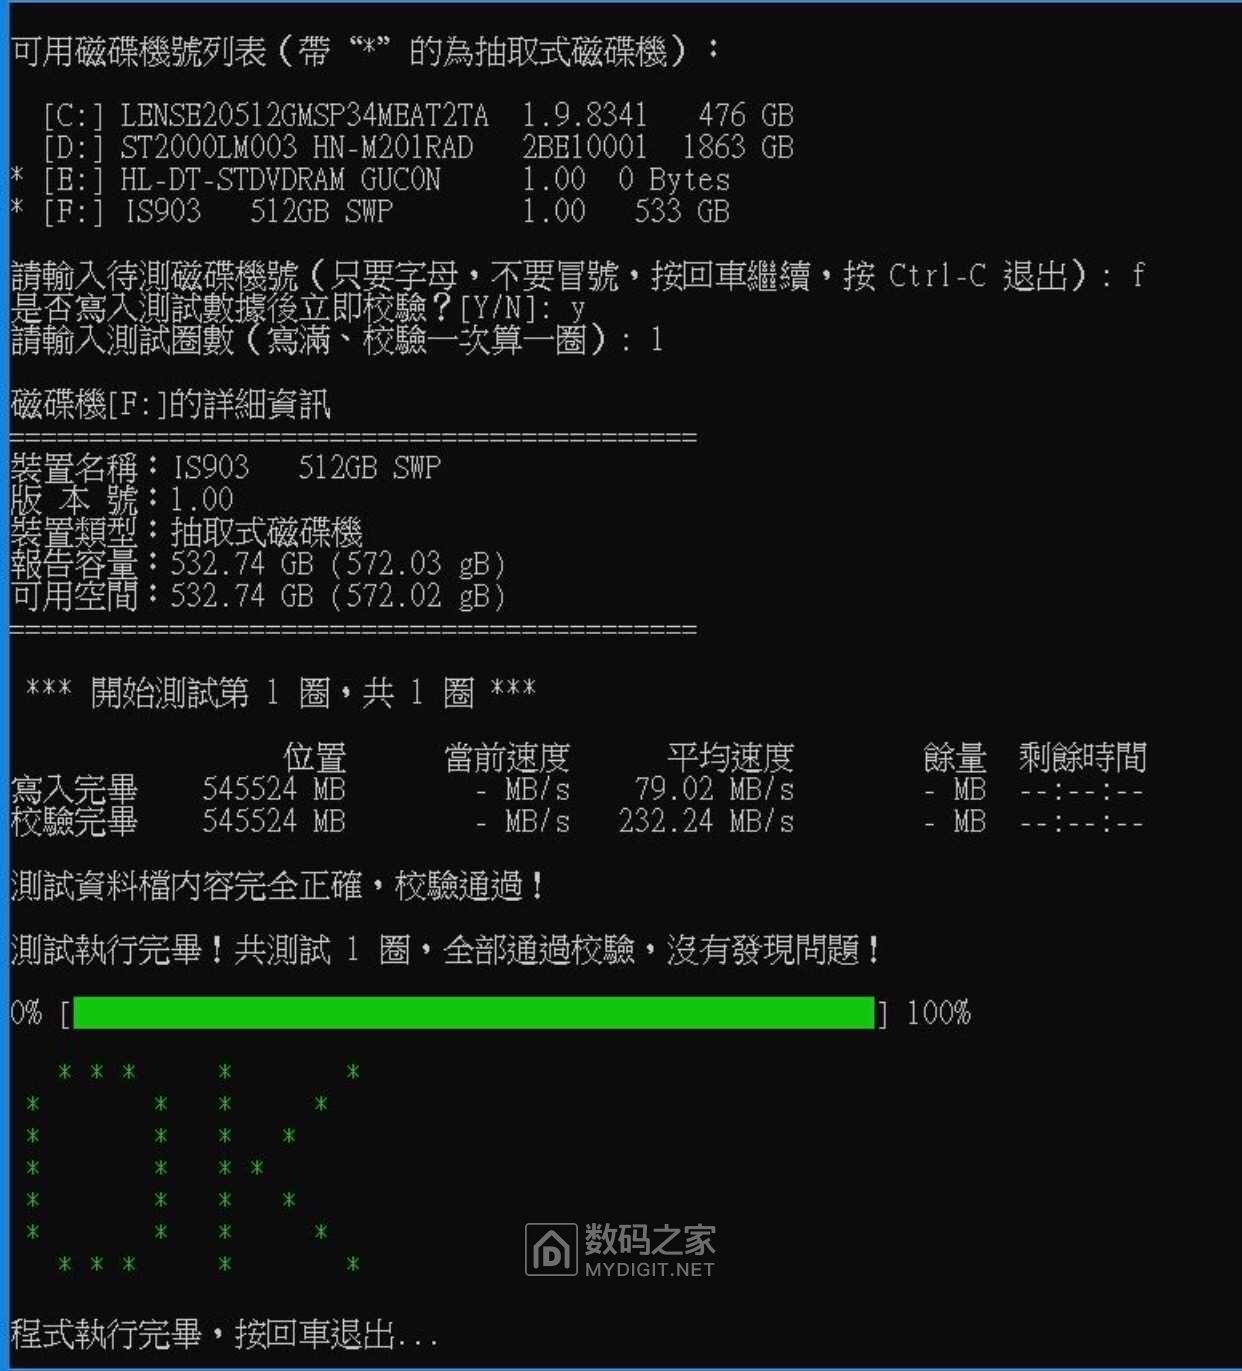 FB7353D4-E67D-4A5D-82CA-21ECF2E97E2B.jpeg